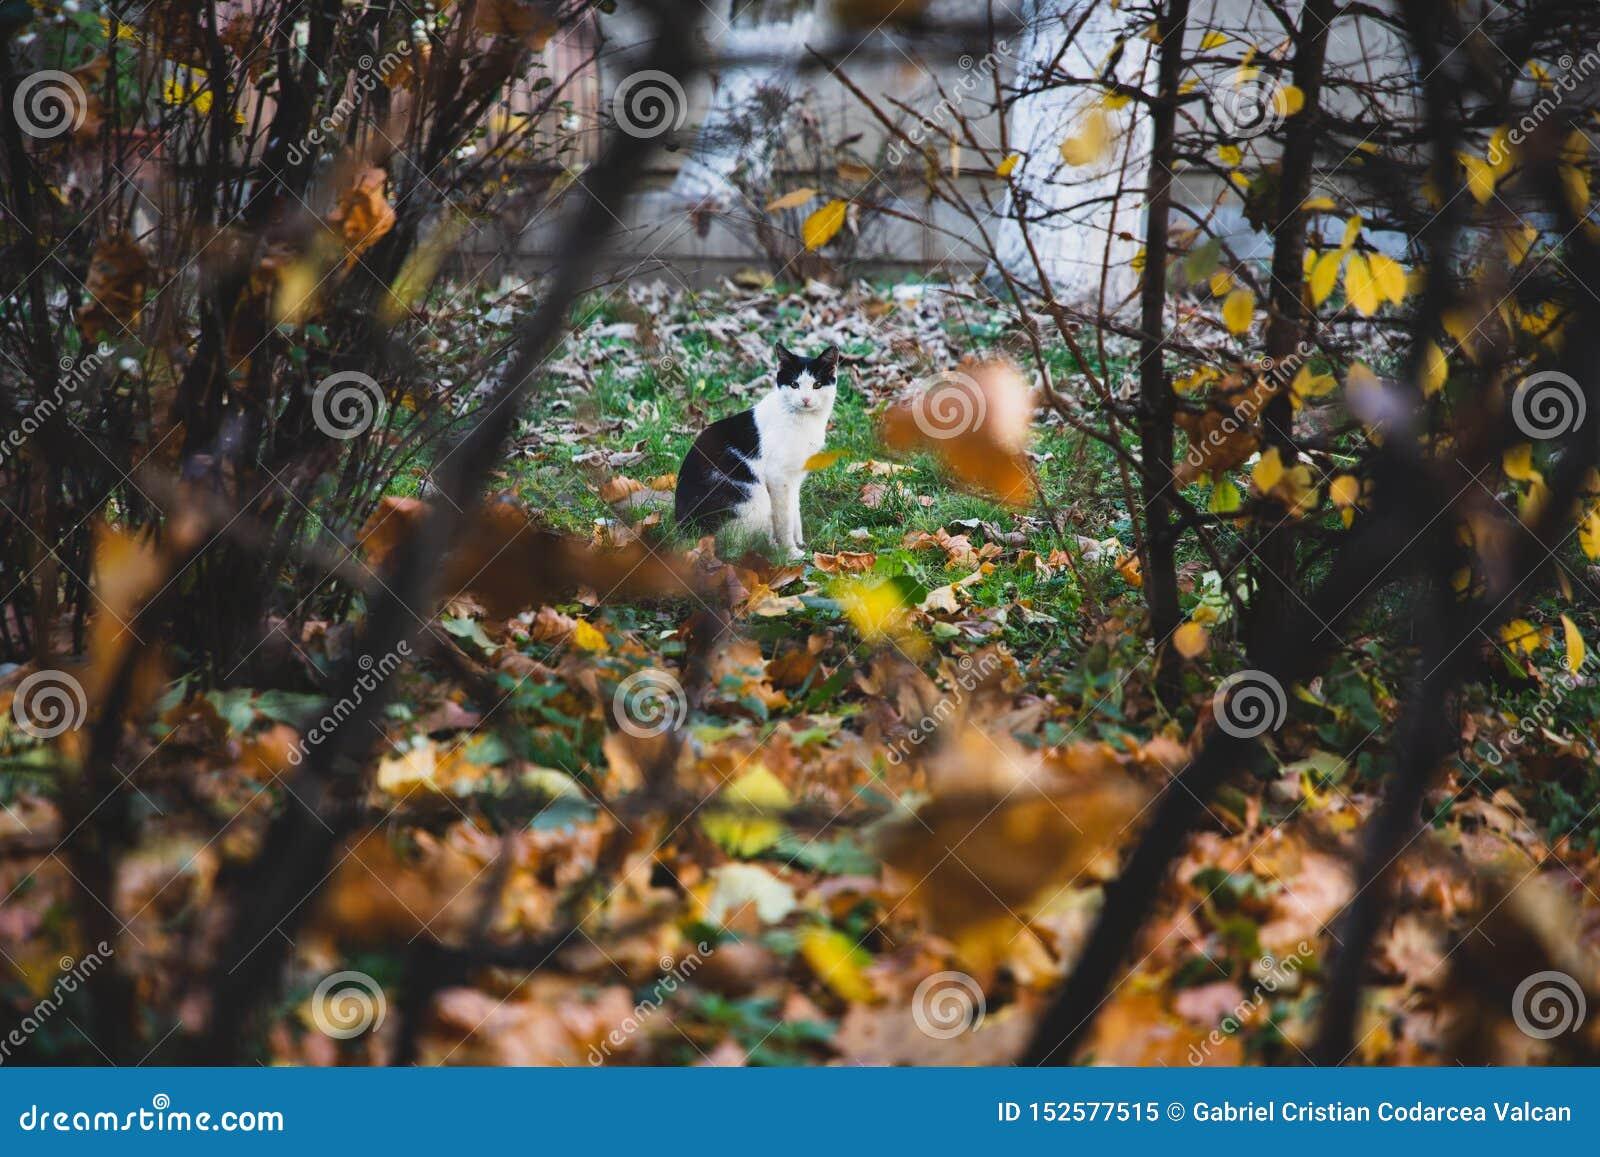 Czarny i biały kot widzieć między roślinnością